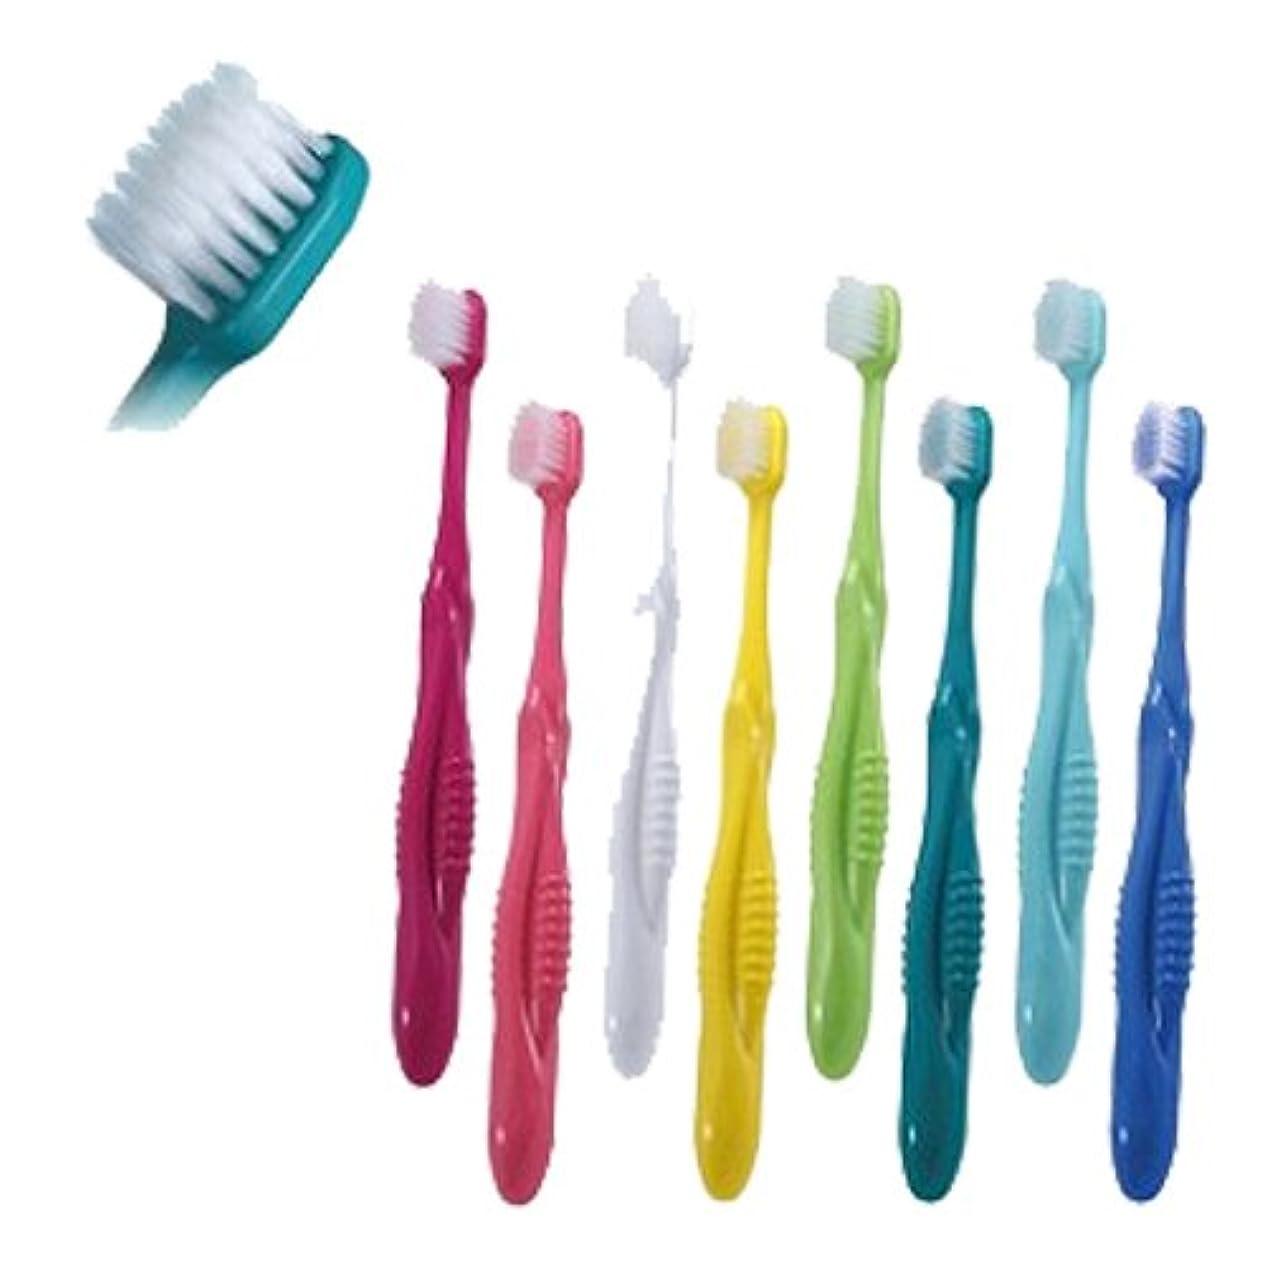 すばらしいです工業用導入するCiメディカル 歯ブラシ Ci802#M(ラウンド毛タイプ)×1本